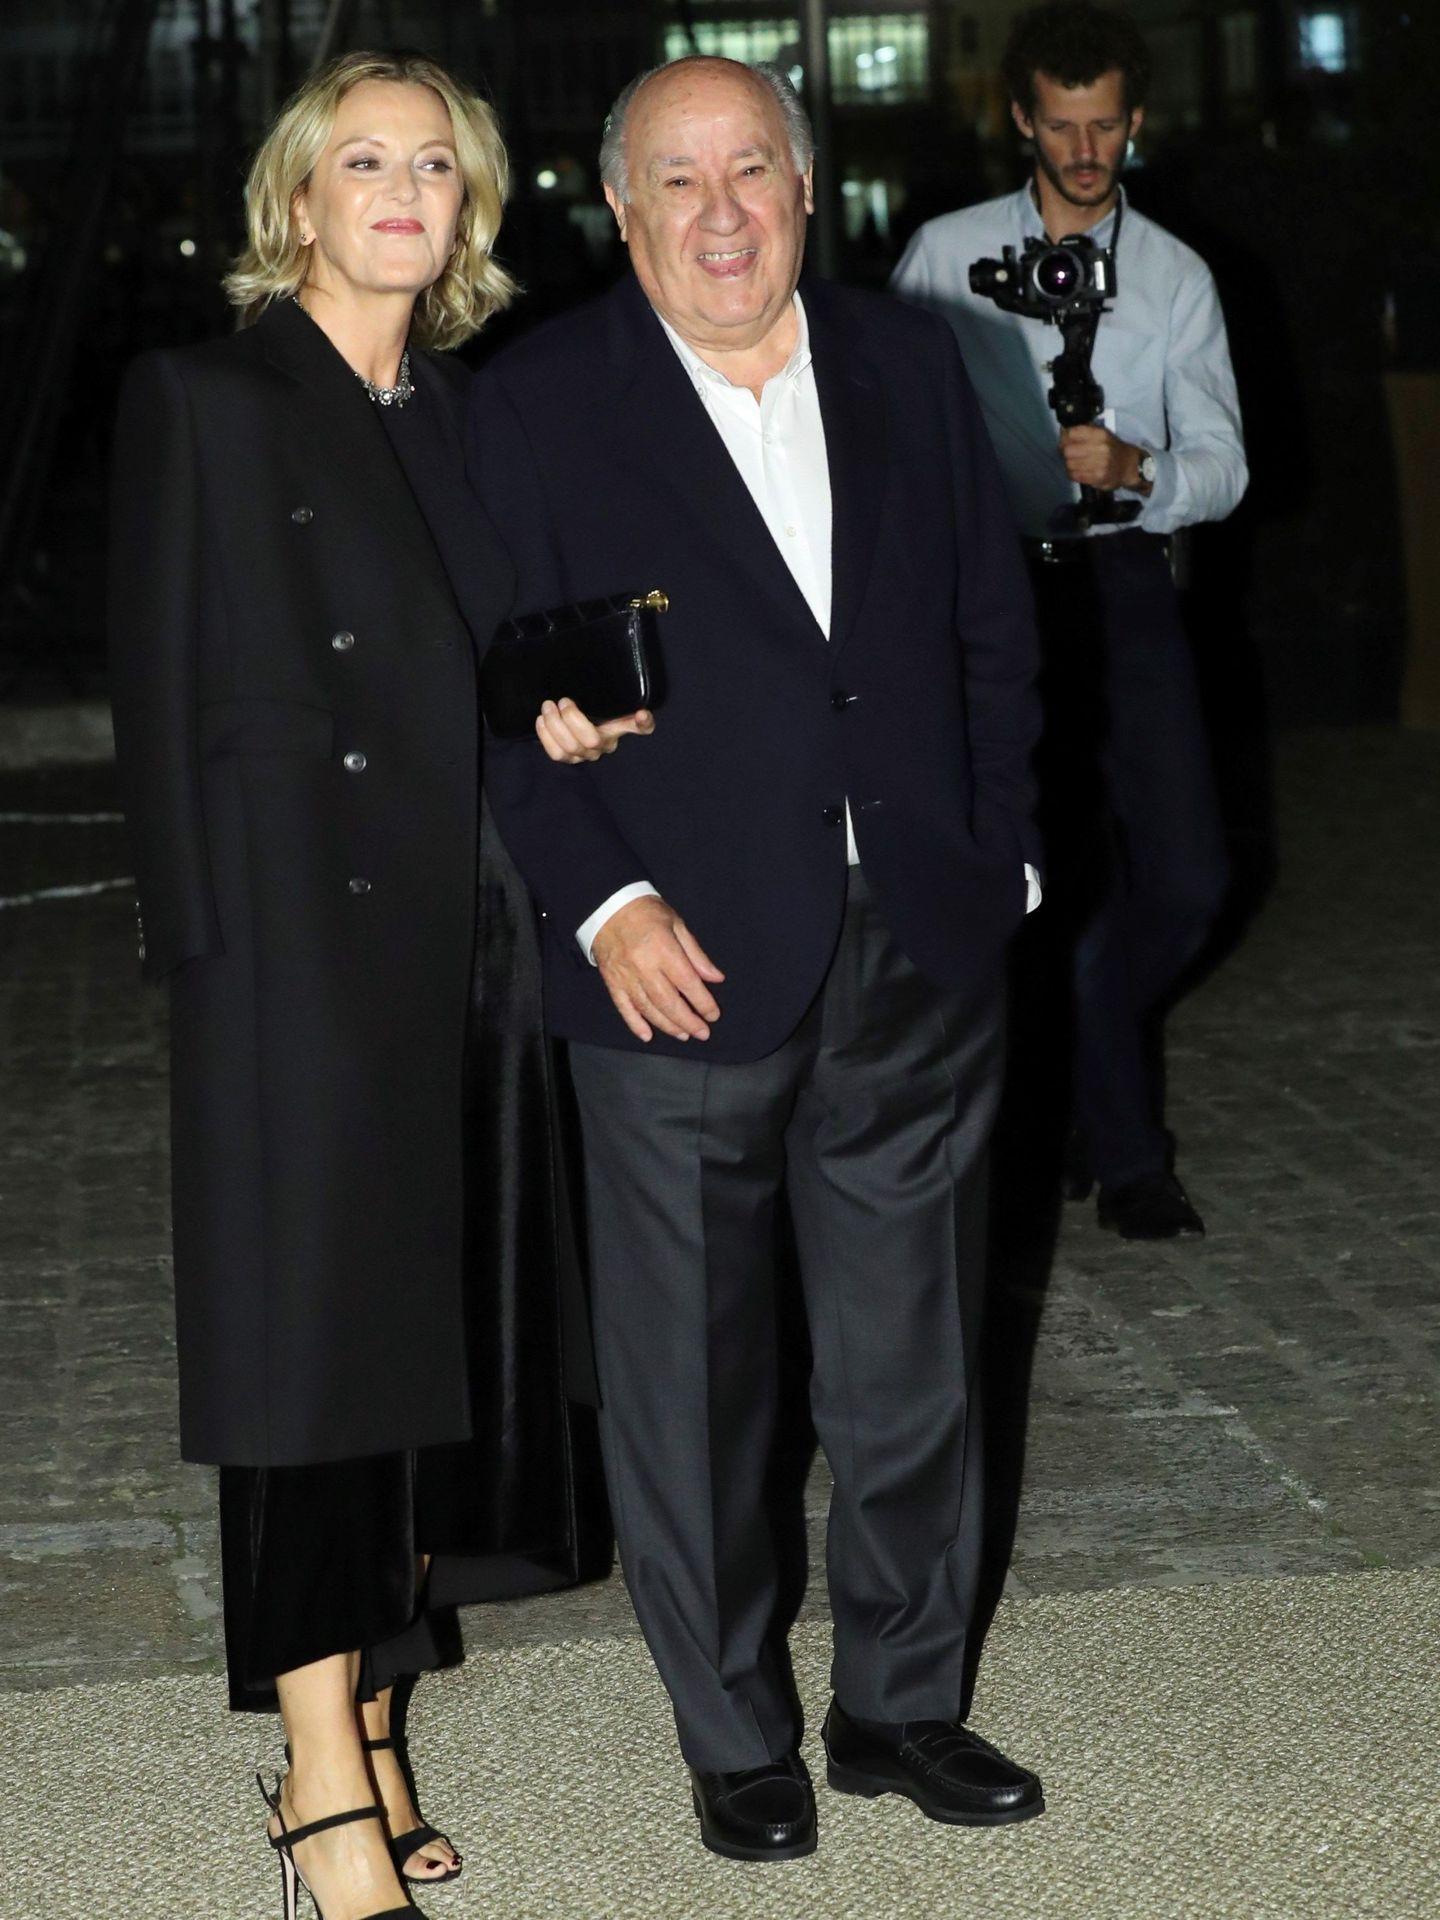 Amancio Ortega a su llegada al Real Club Náutico de A Coruña, donde se celebra el cóctel de la boda de Marta Ortega y Carlos Torretta. (EFE)